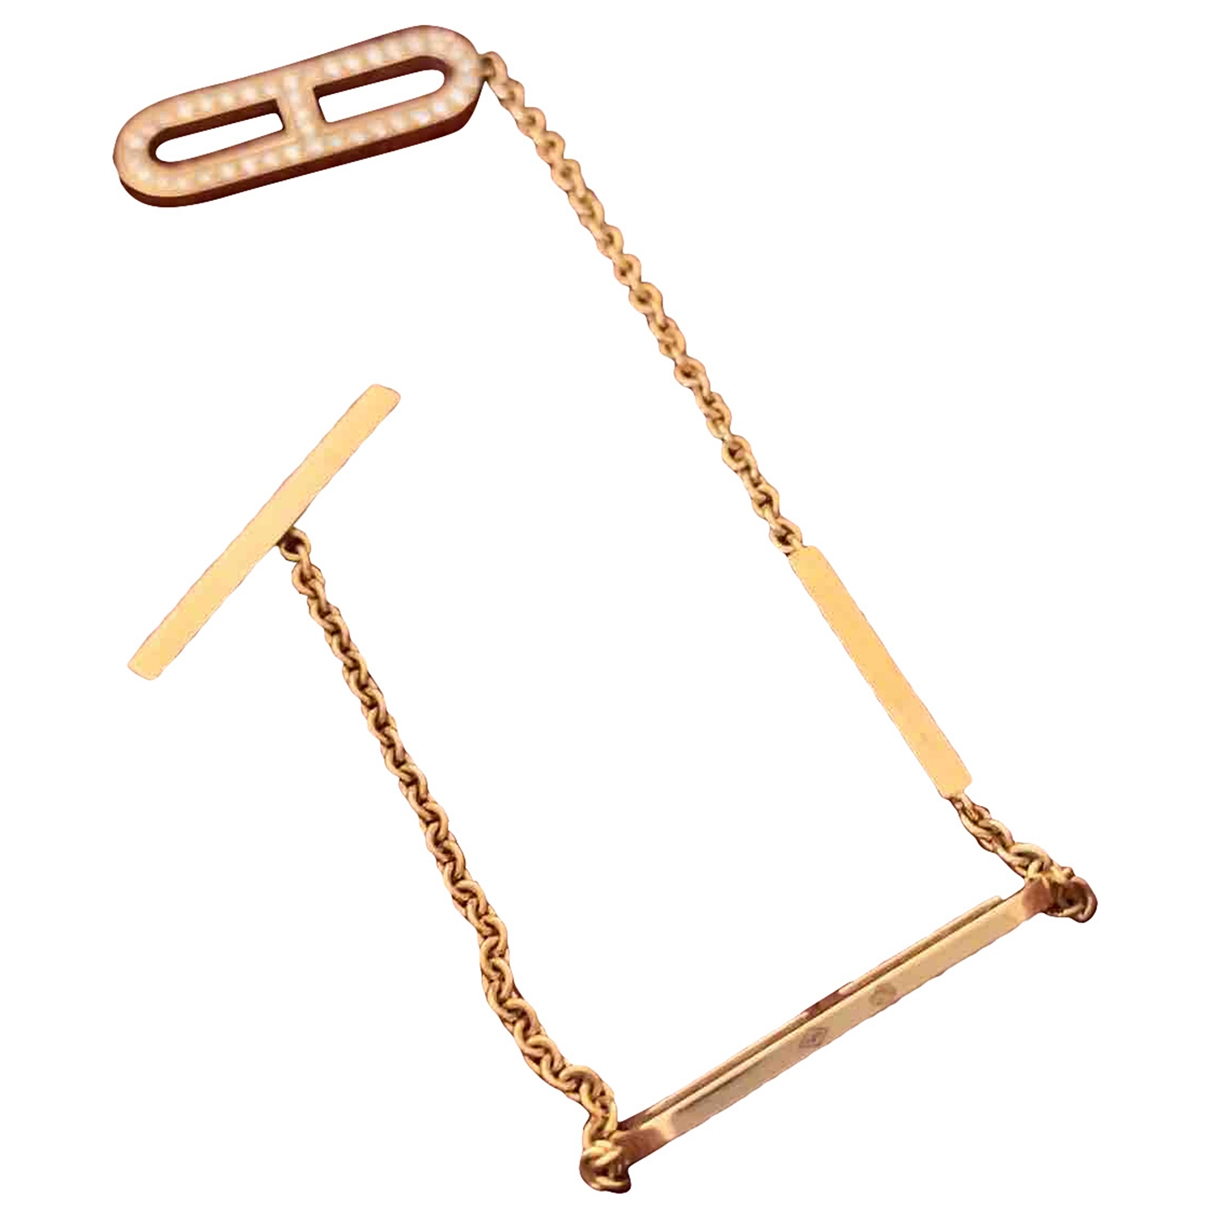 Pulsera Chaine d'Ancre de Oro rosa Hermes